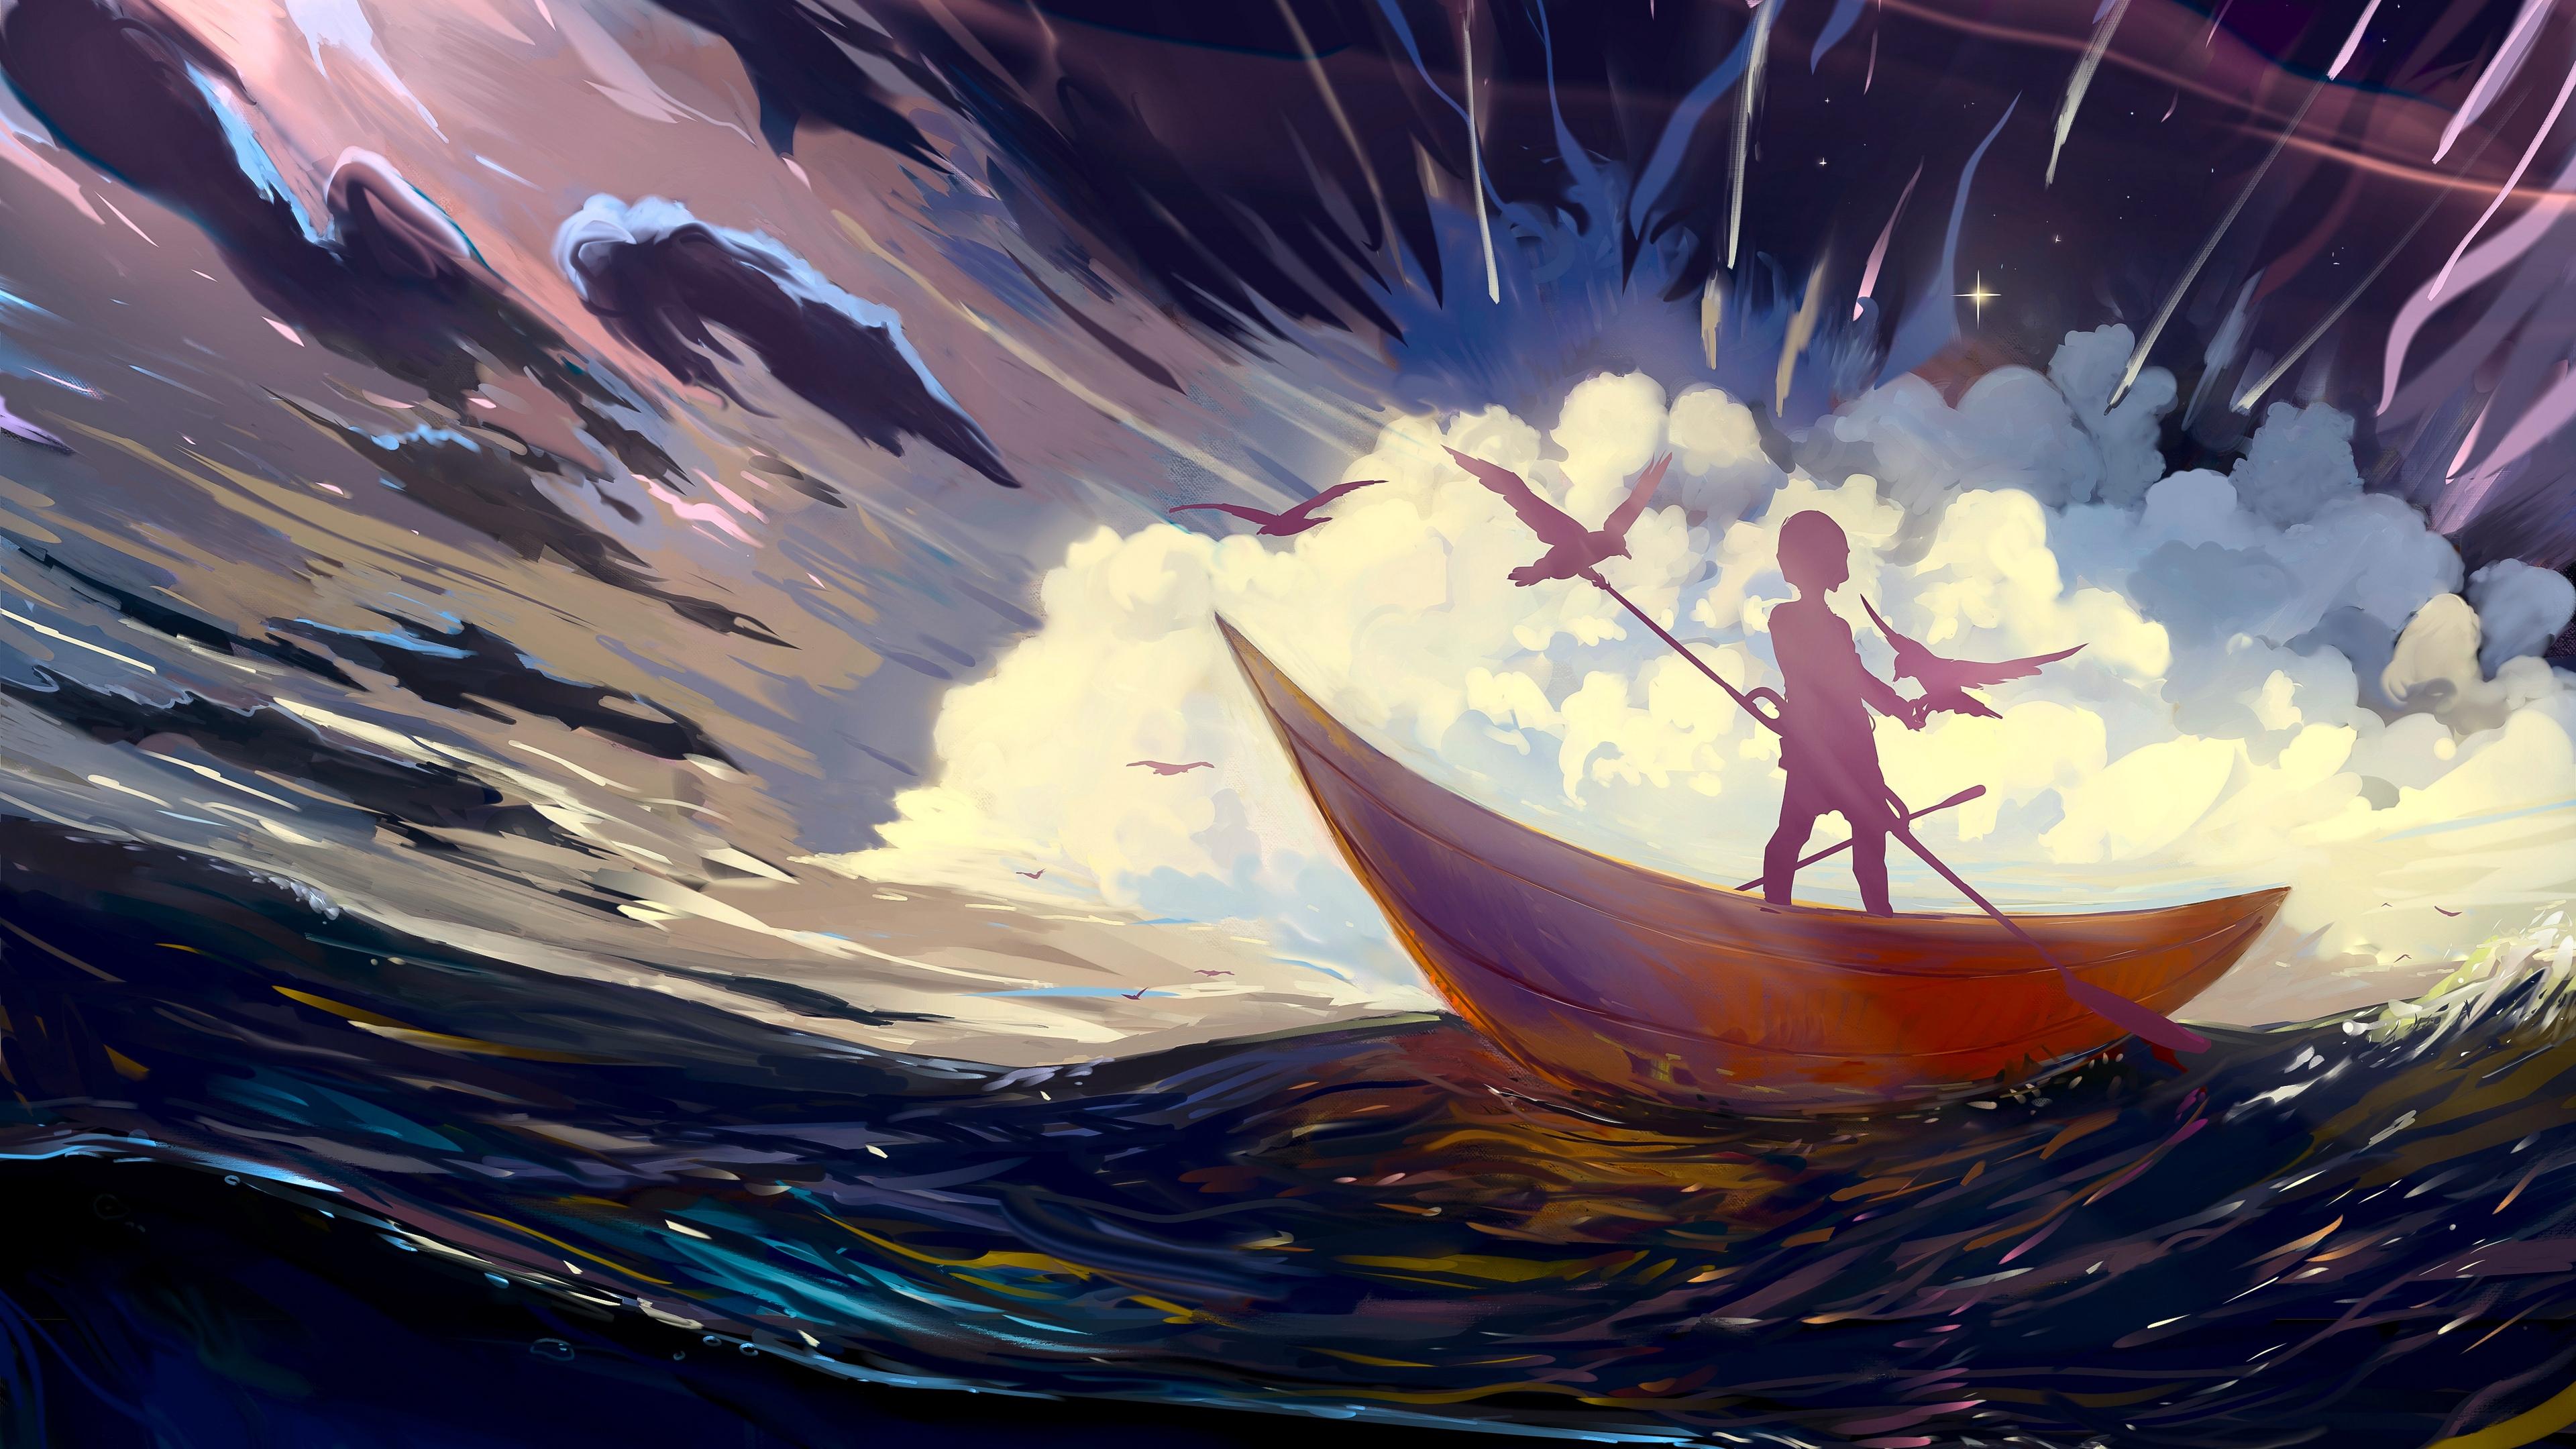 silhouette boat art storm birds lonely 4k 1541971533 - silhouette, boat, art, storm, birds, lonely 4k - Silhouette, Boat, art